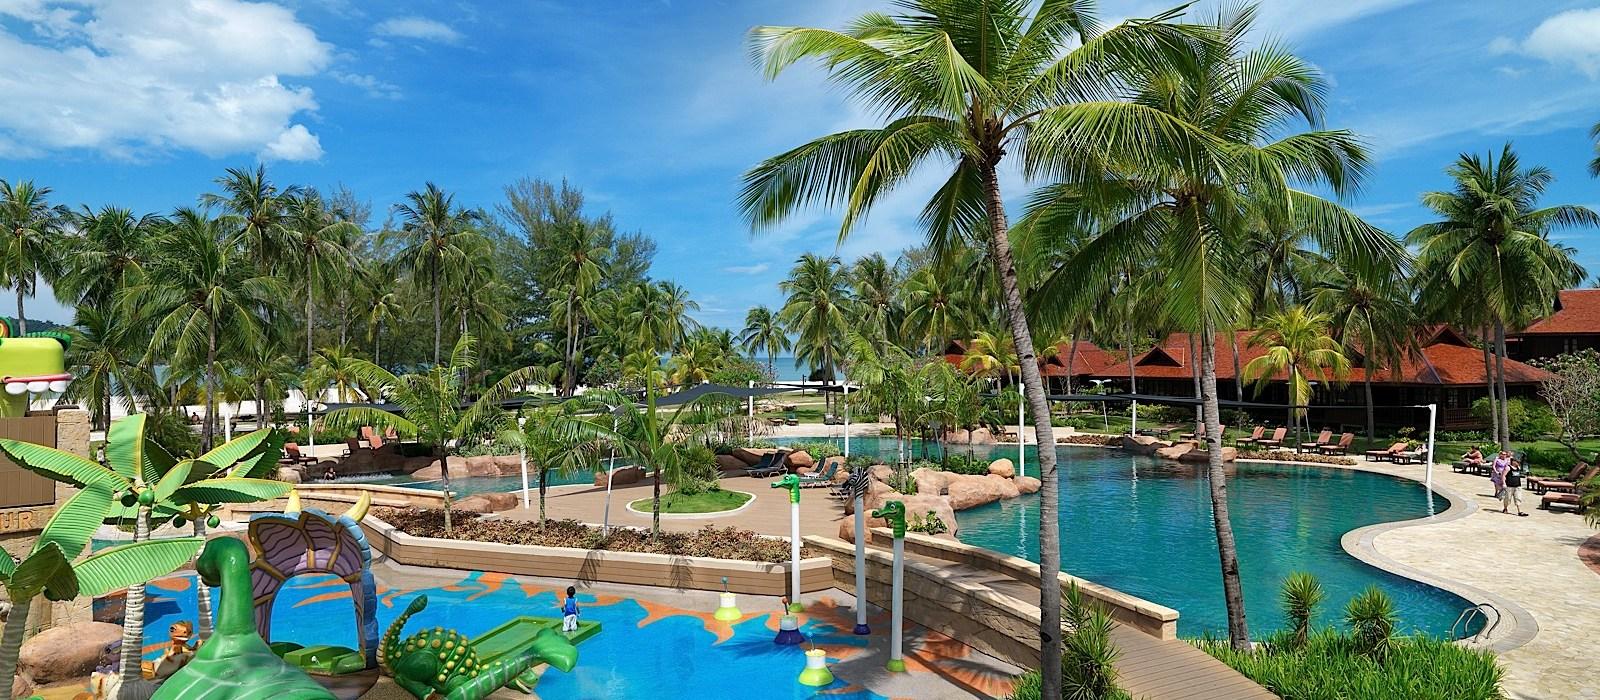 Meritus Pelangi Beach Resort & Spa, Langkawi Langkawi, Malaysia ...